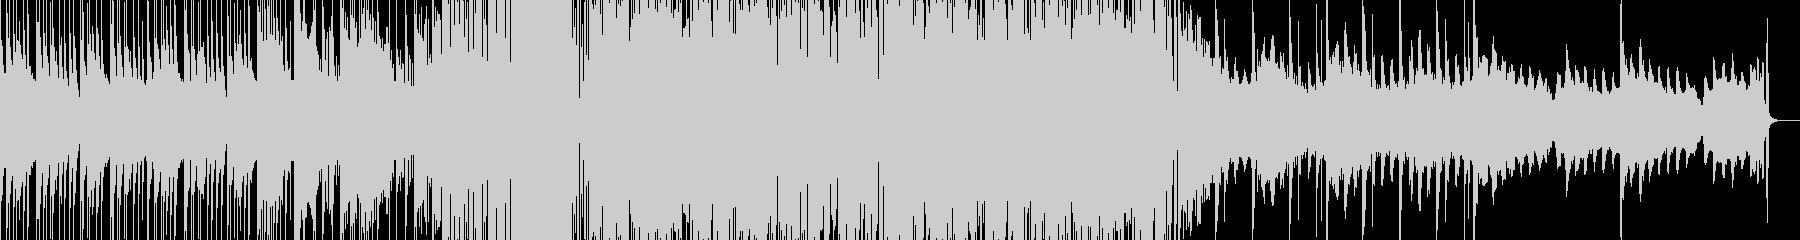 不気味なGRIMEミュージックの未再生の波形